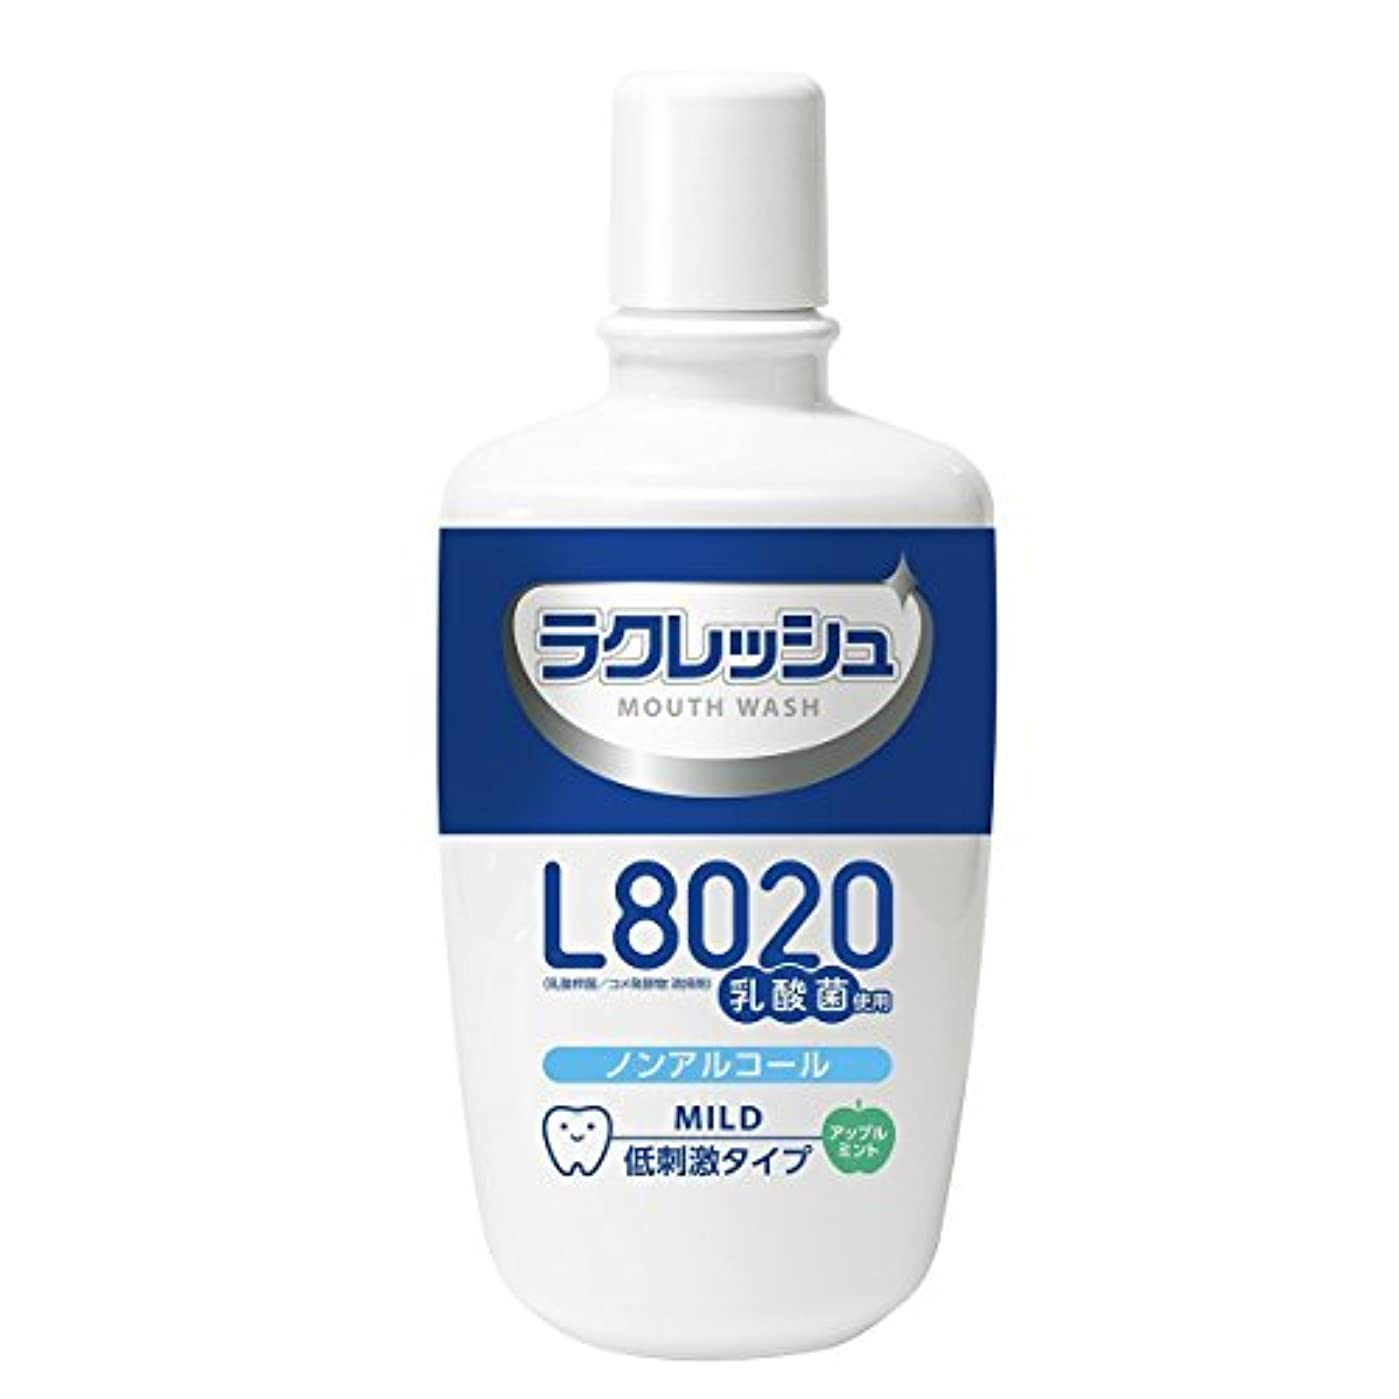 アトム生命体作曲家ラクレッシュ L8020菌使用 マウスウォッシュ ノンアルコールタイプ 300mL×15個セット